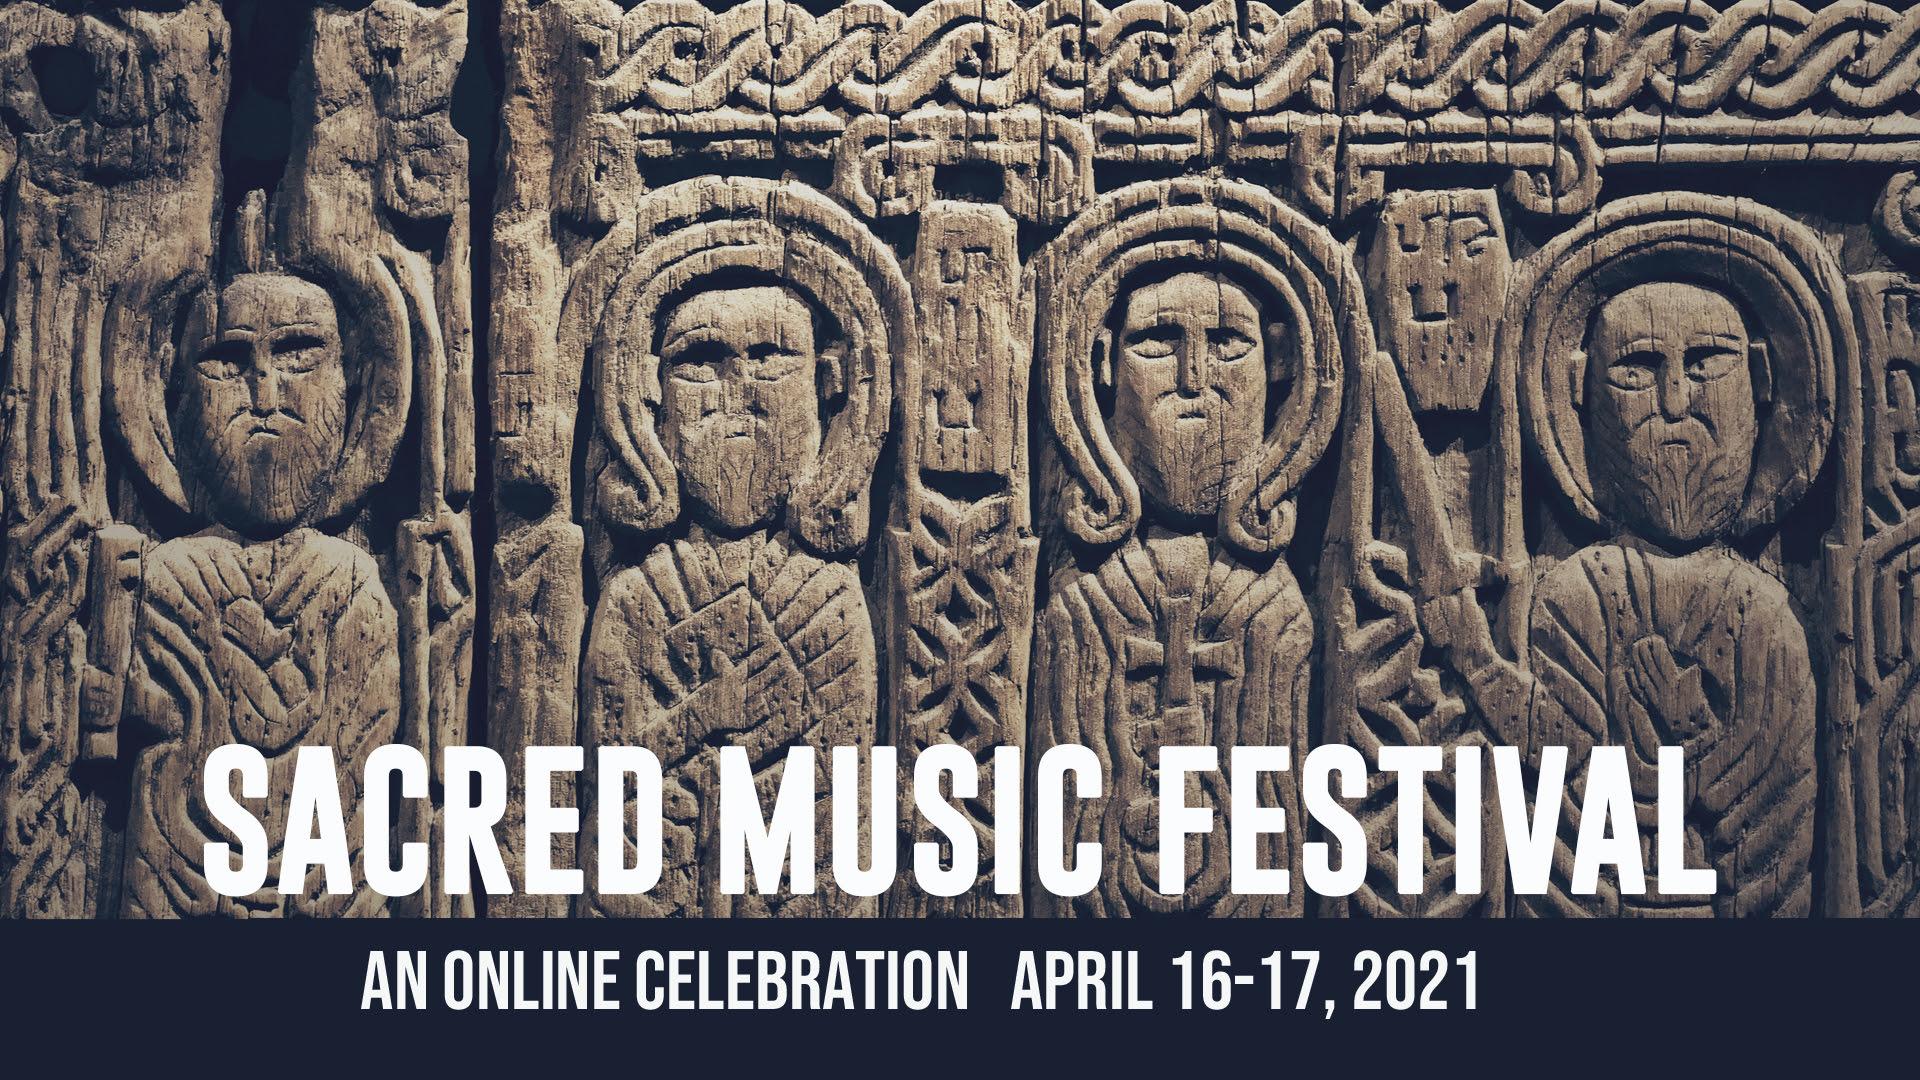 Sacred Music Festival Spring 2021